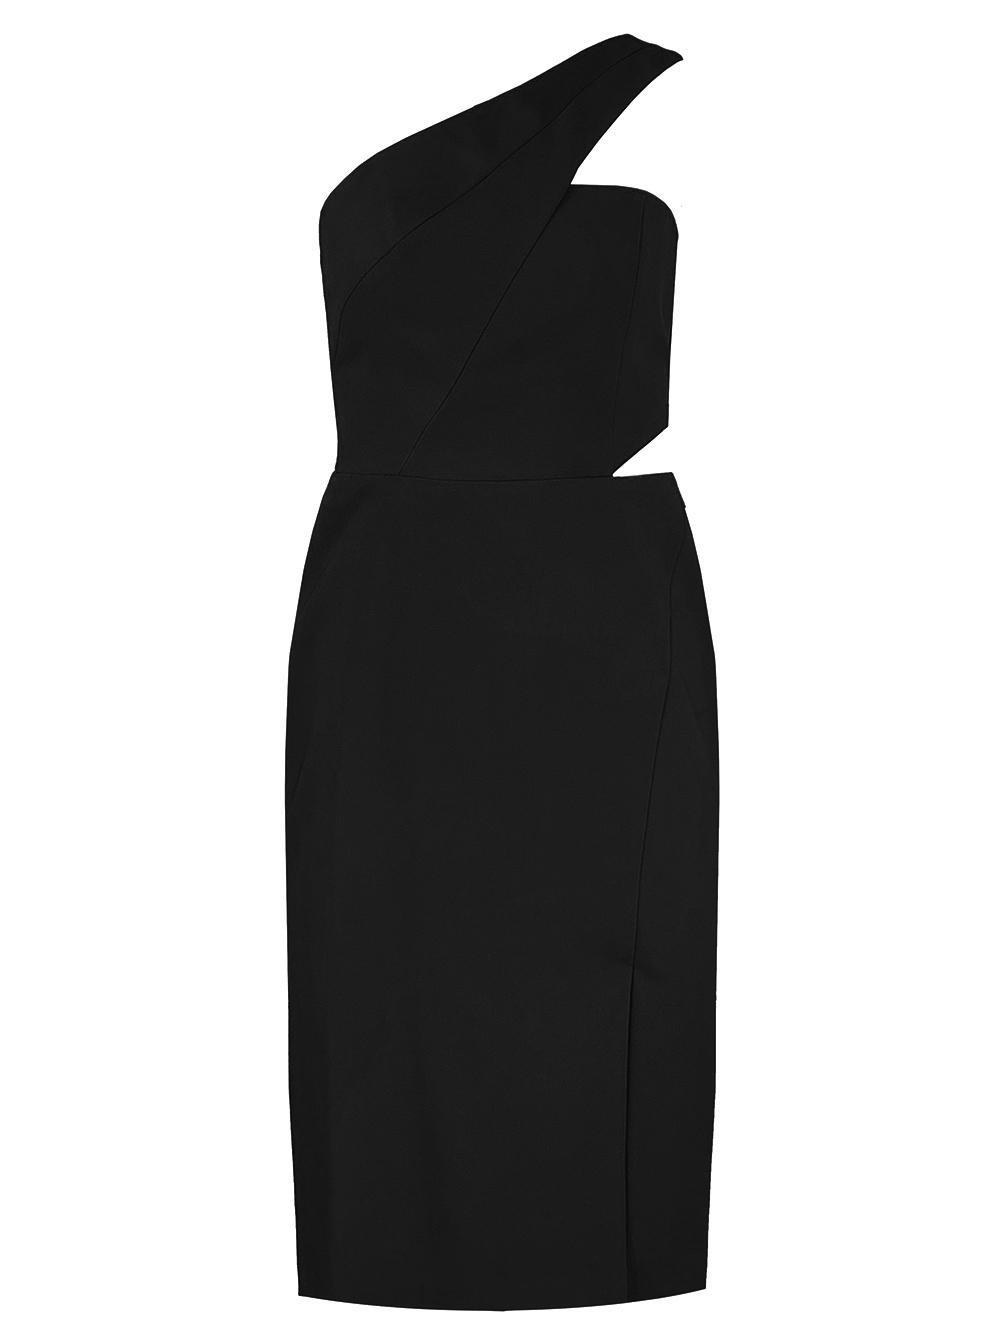 One Shoulder Cocktail Dress Item # MN1E206311